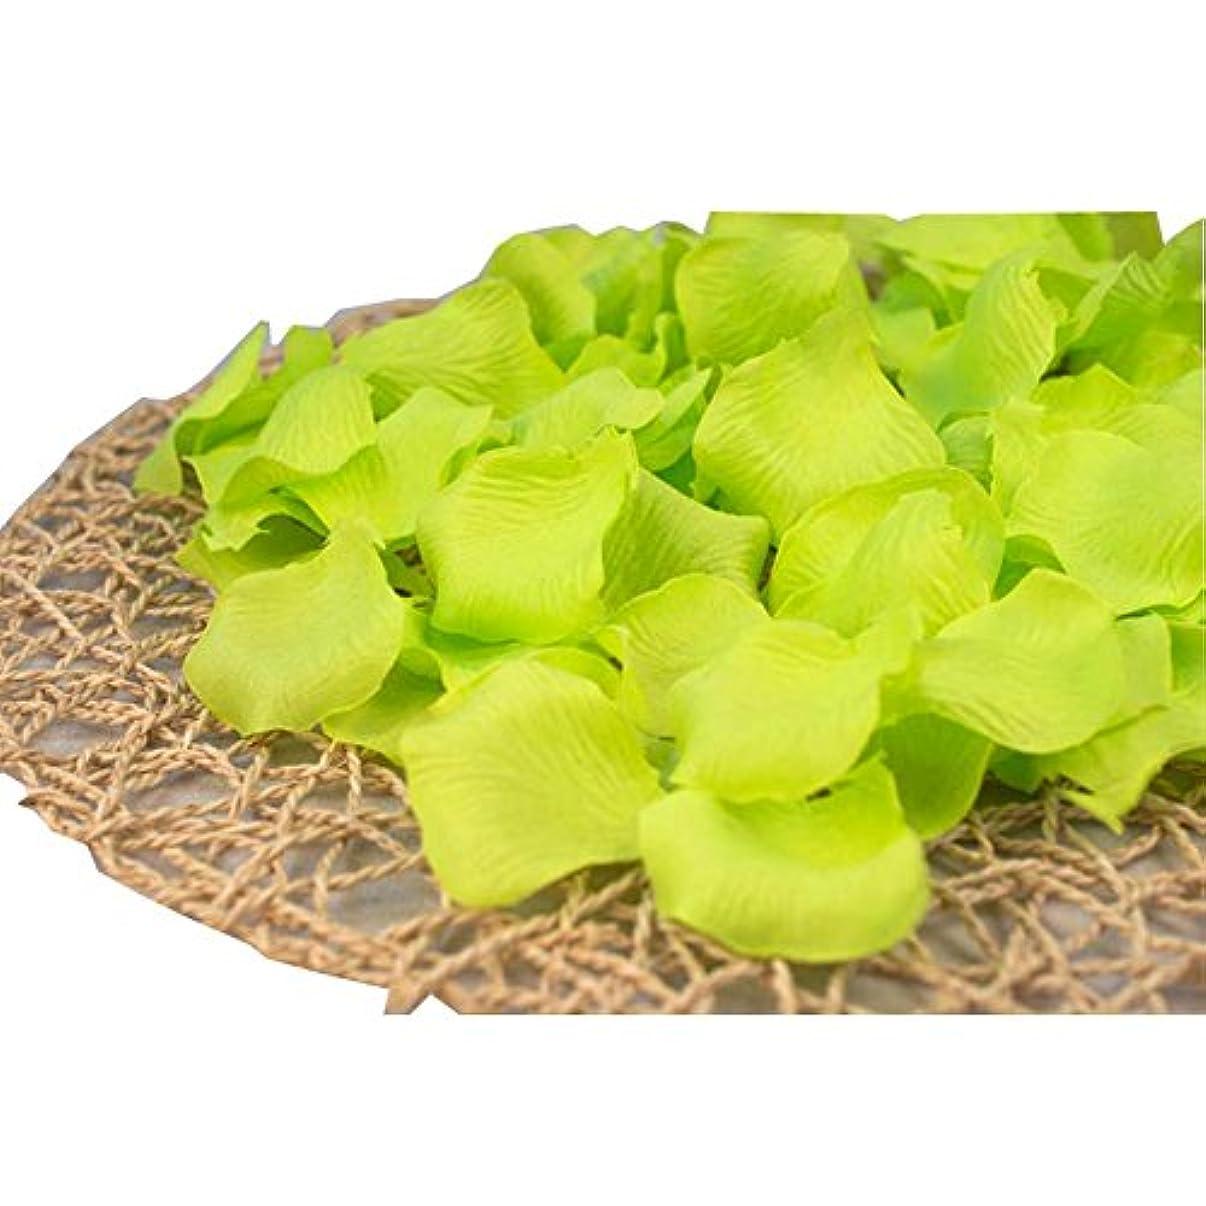 責任レガシースロベニア結婚式のための緑人工花びらの緑840個